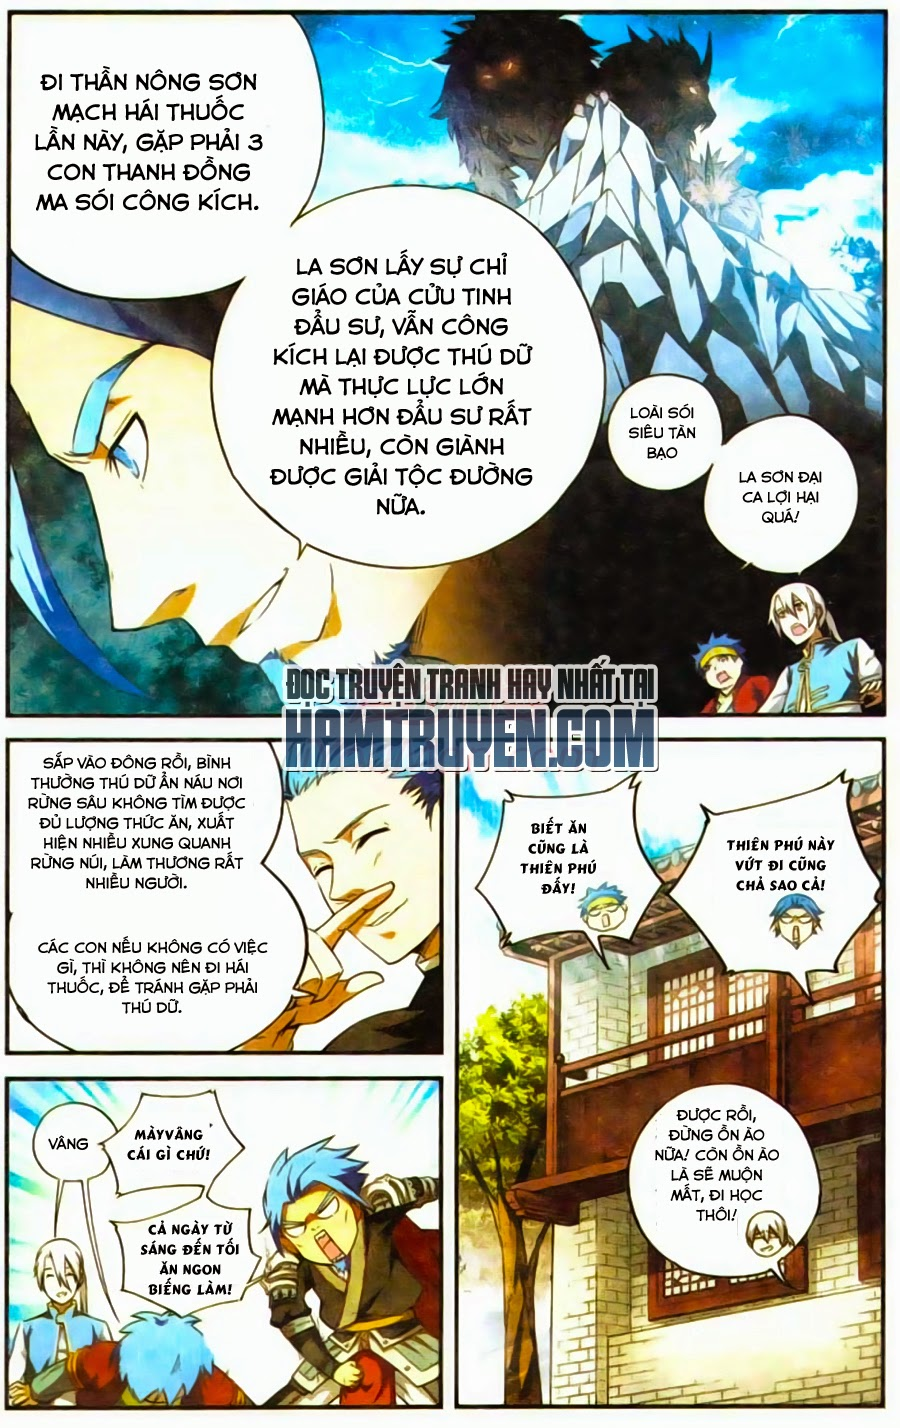 Đấu Phá Thương Khung Tiền Truyện - Truyền Kỳ Dược Lão chap 8 - Trang 7